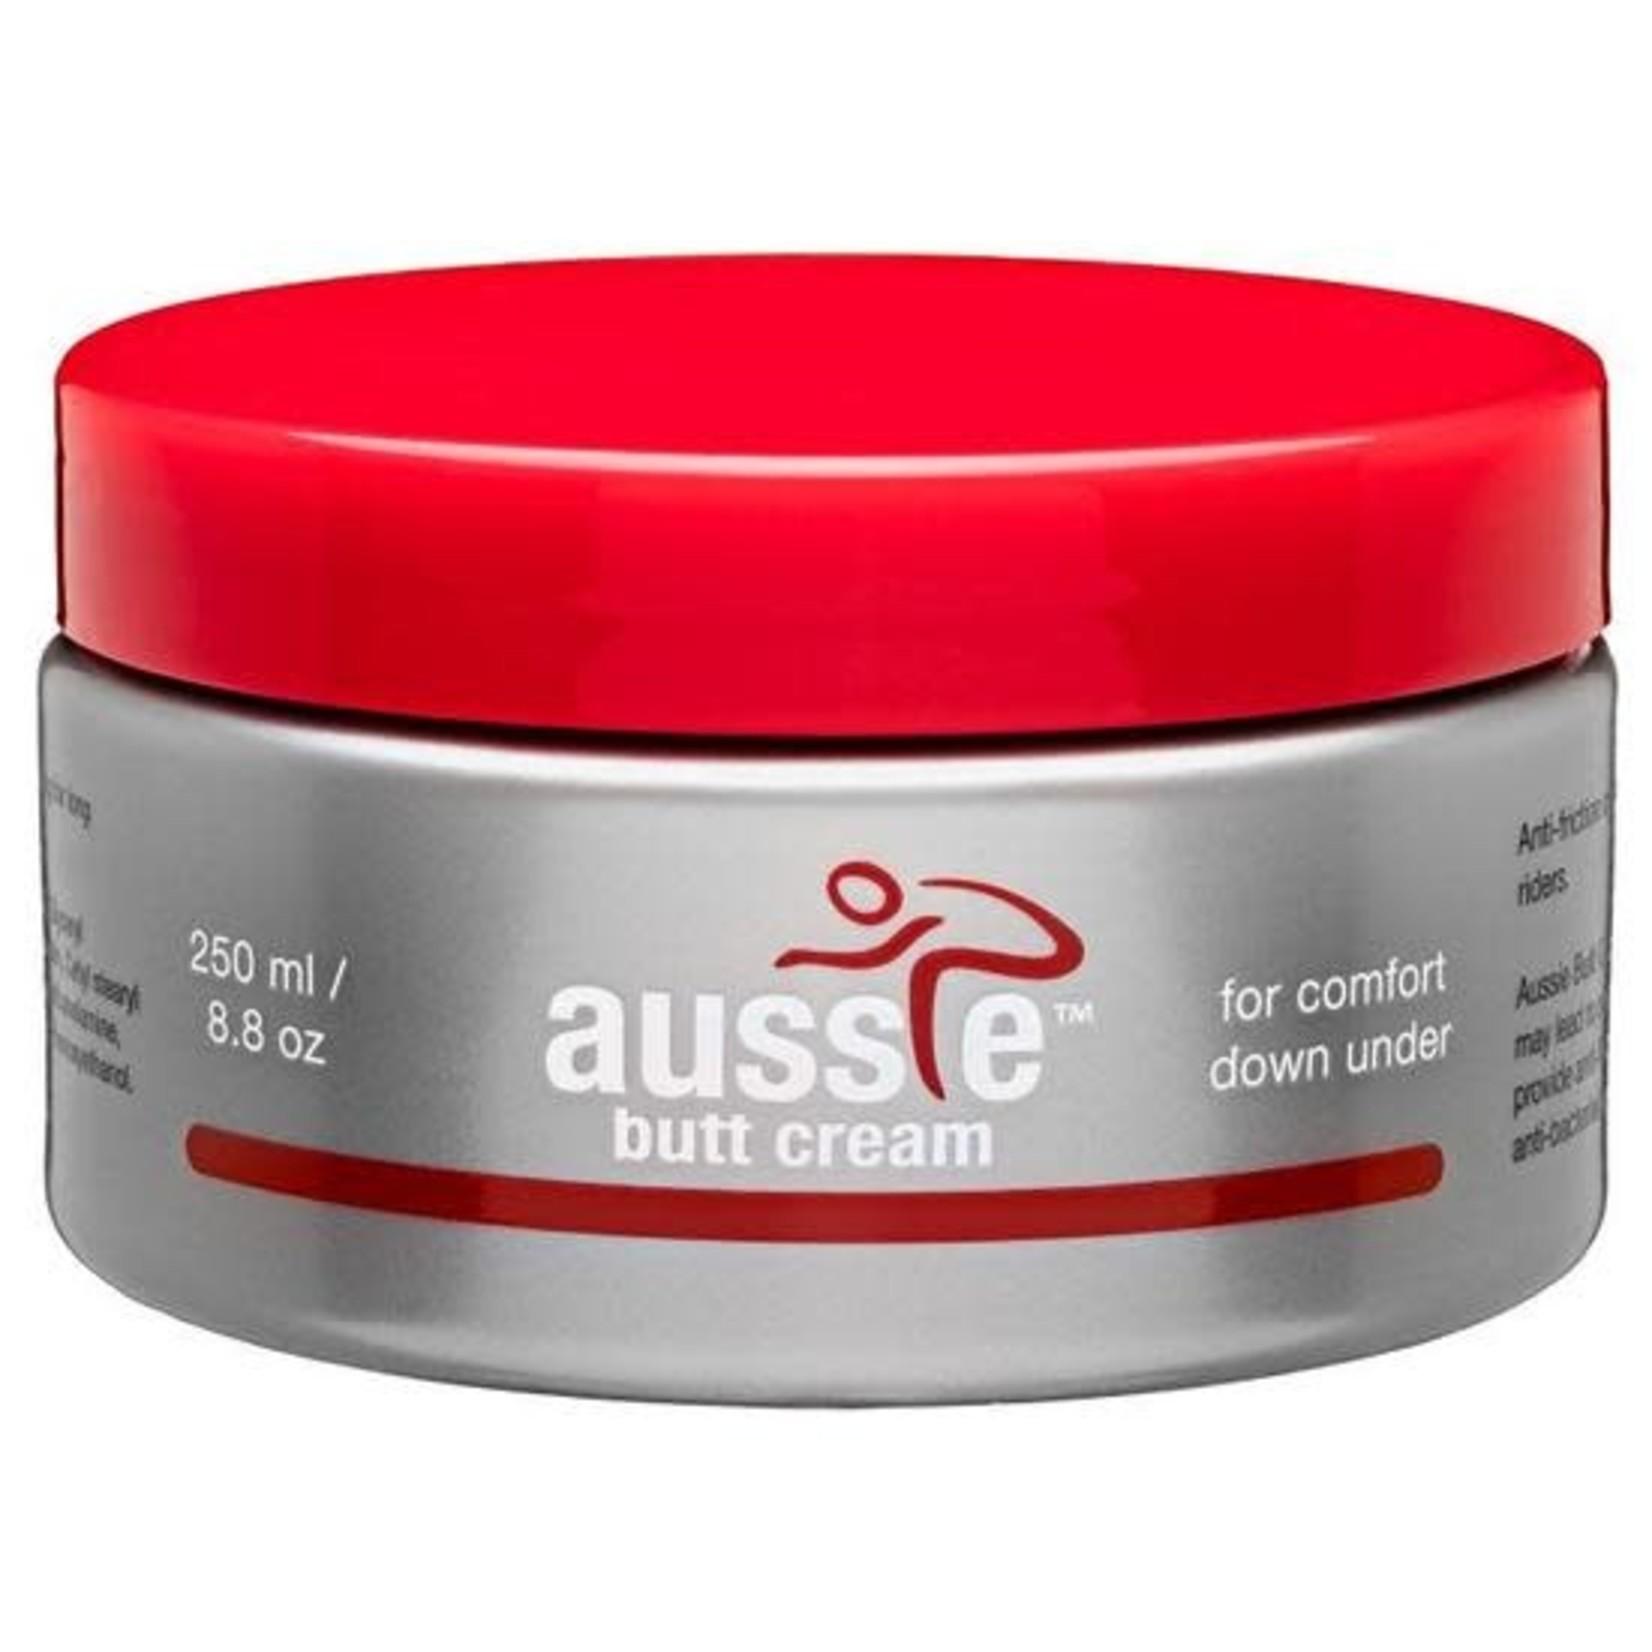 Aussie Butt Cream 250ml